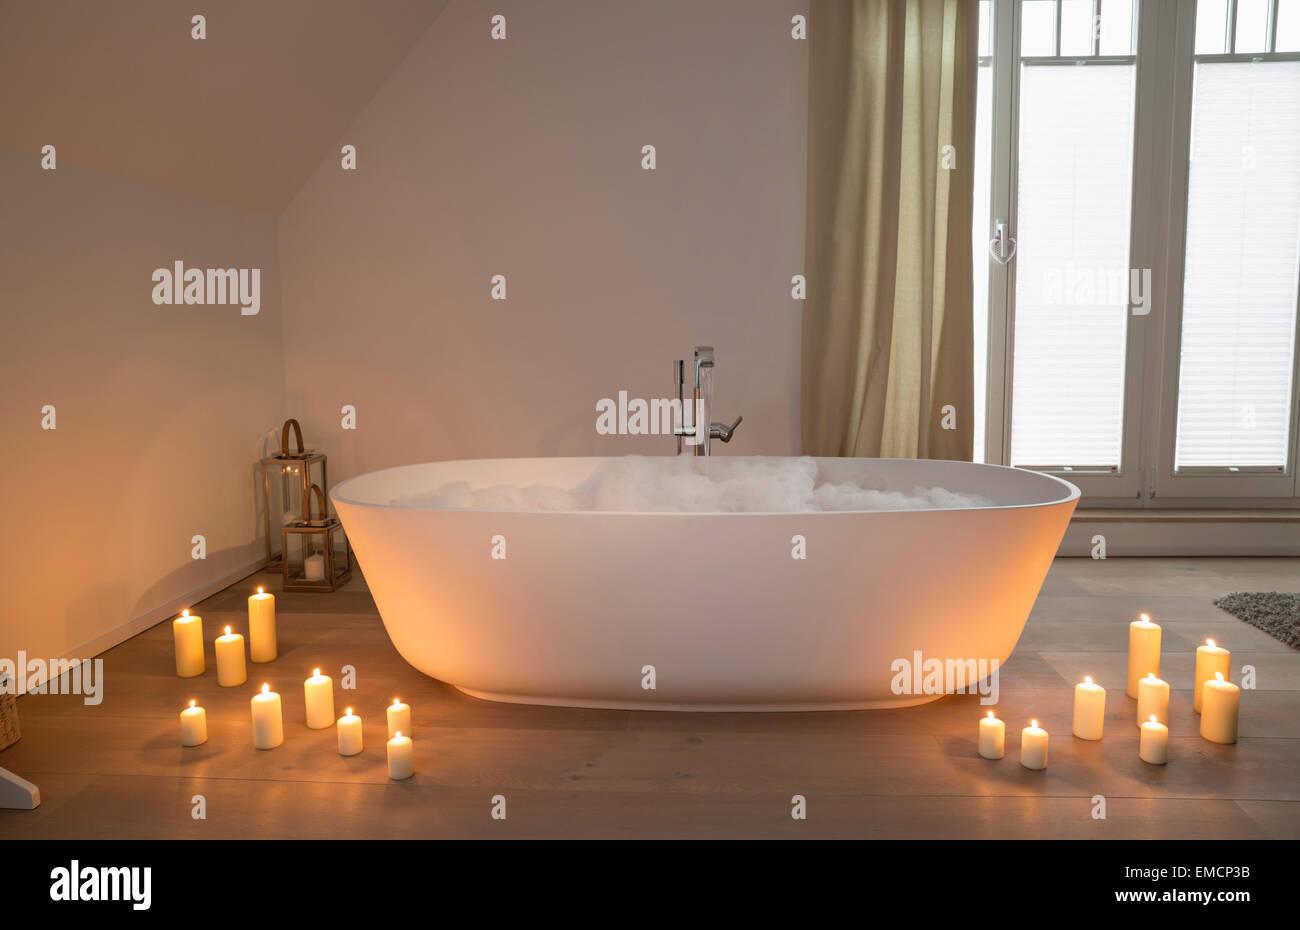 Vasca Da Bagno Romantica Con Candele : Vasca idromassaggio romantico con le candele u video stock